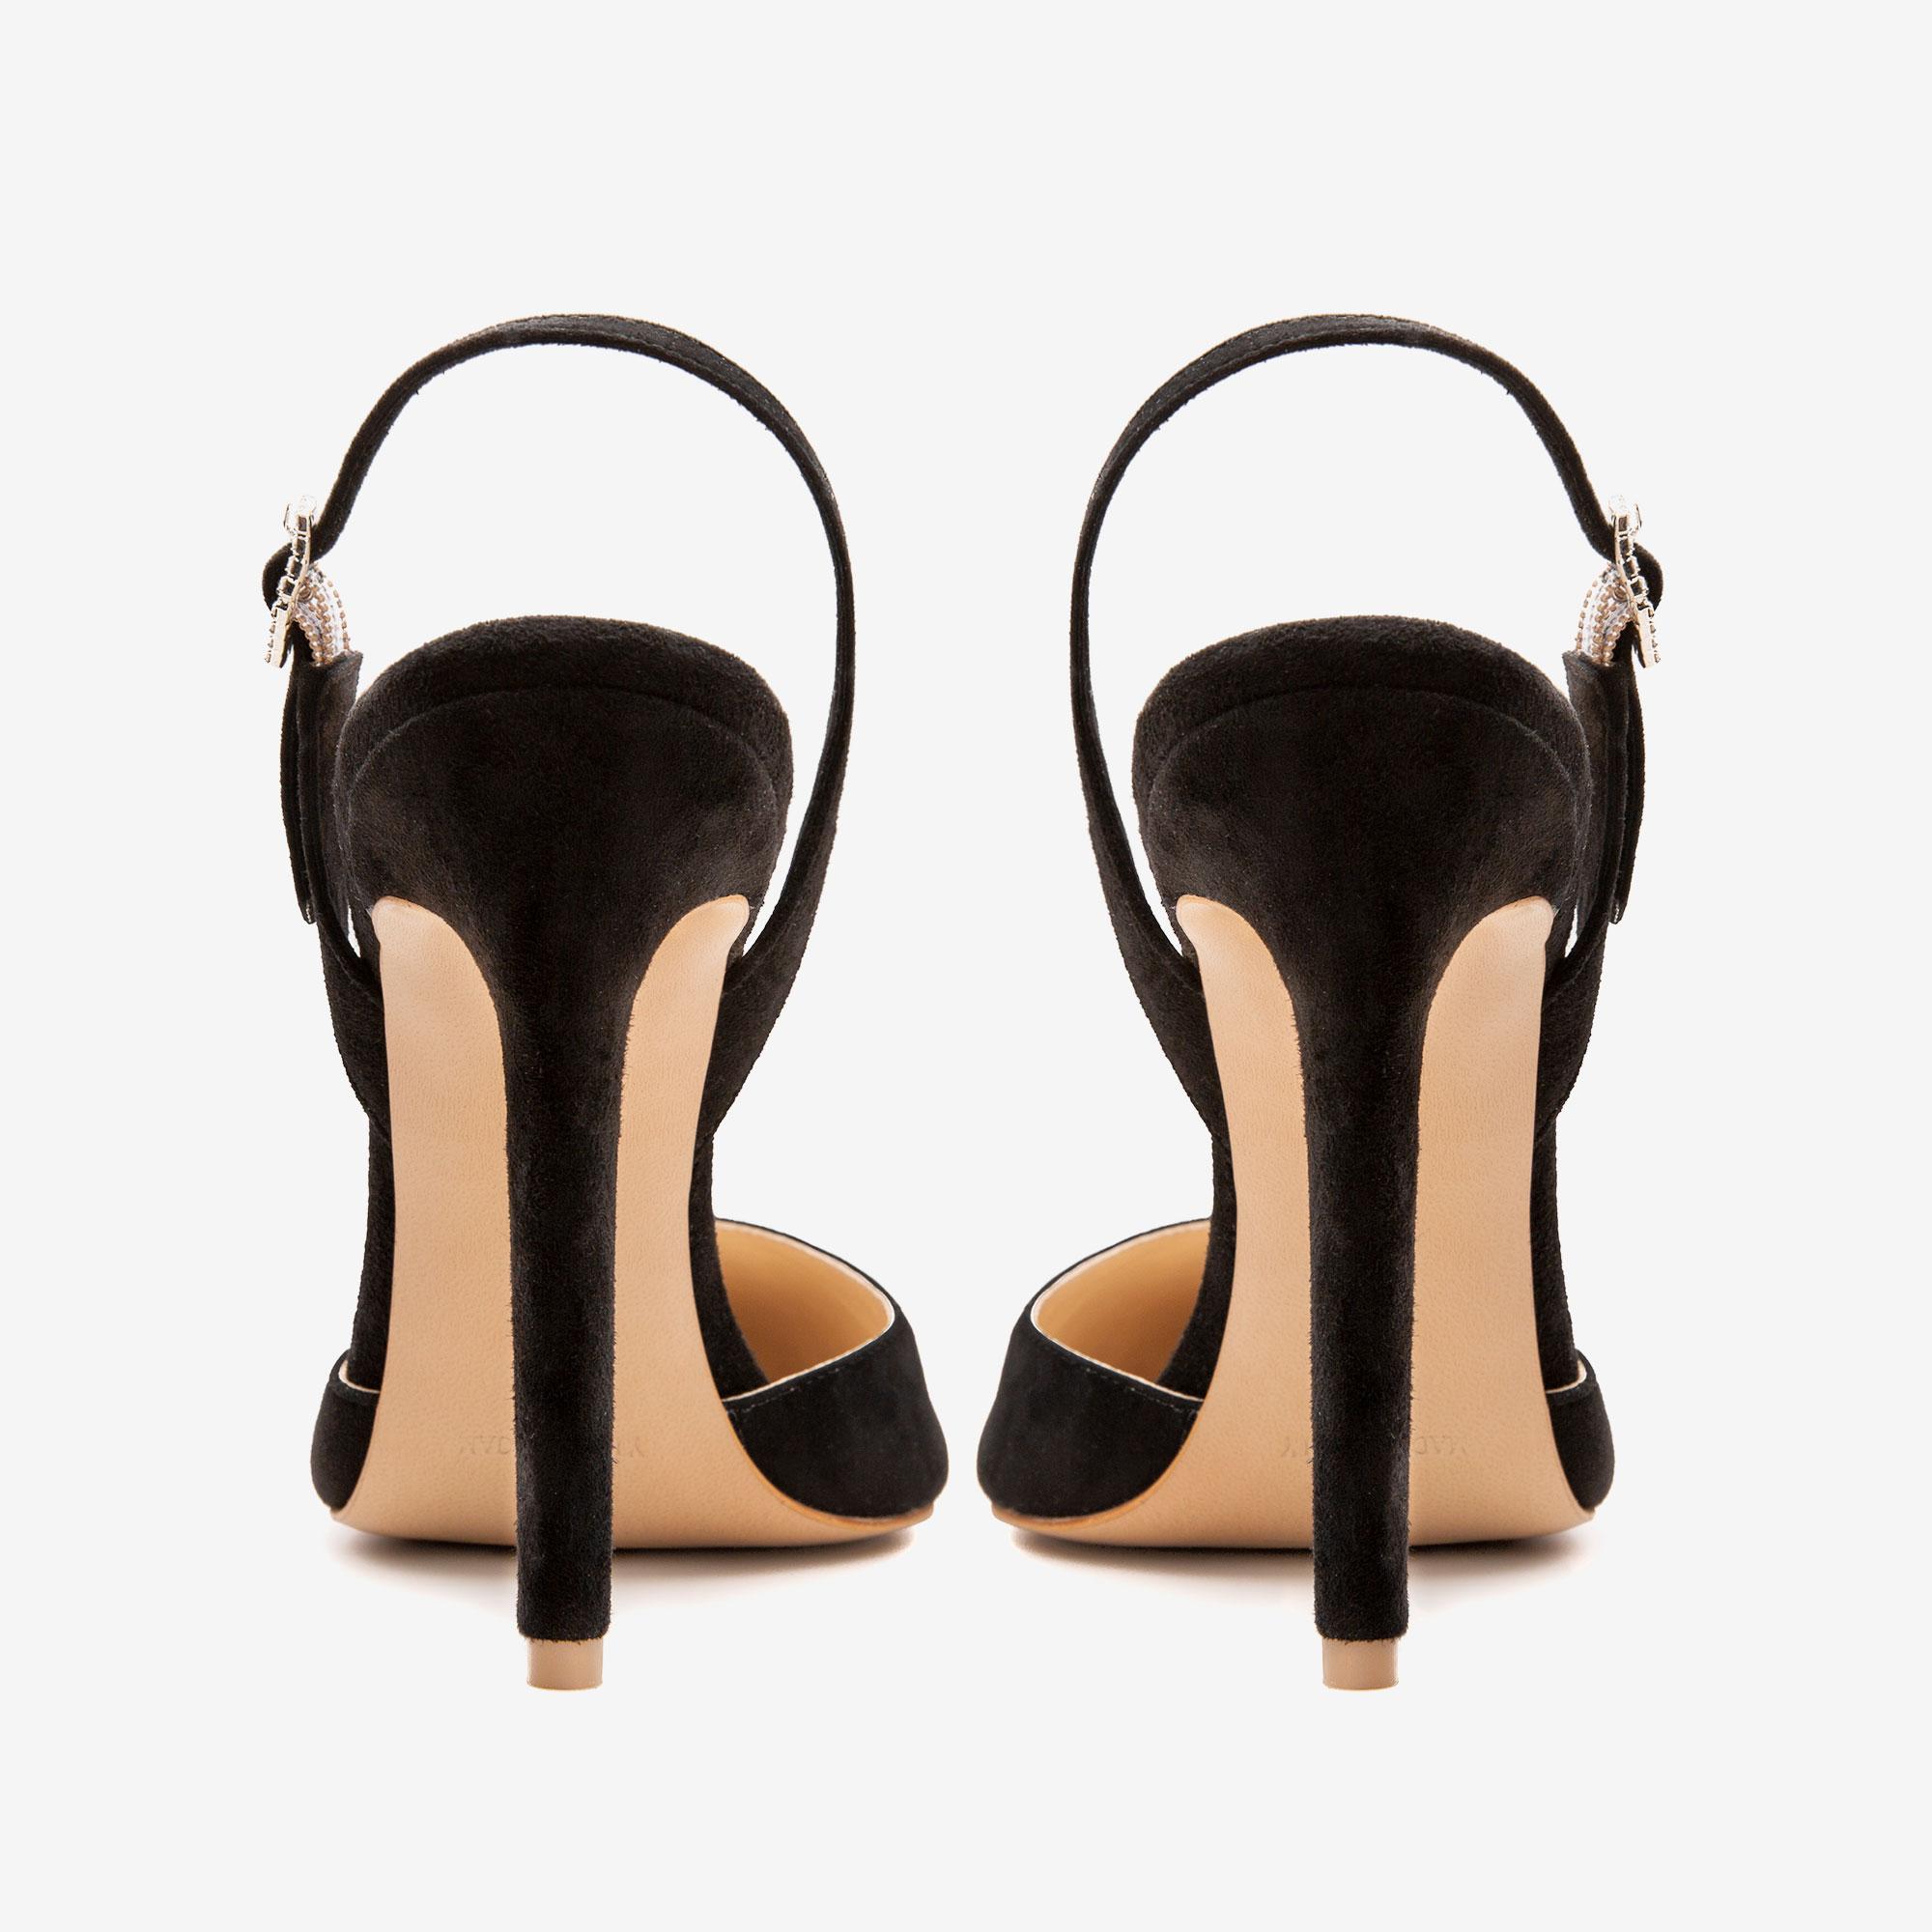 Pantofi din piele intoarsa cu accesoriu Cristal Infinity Ginissima imagine 4